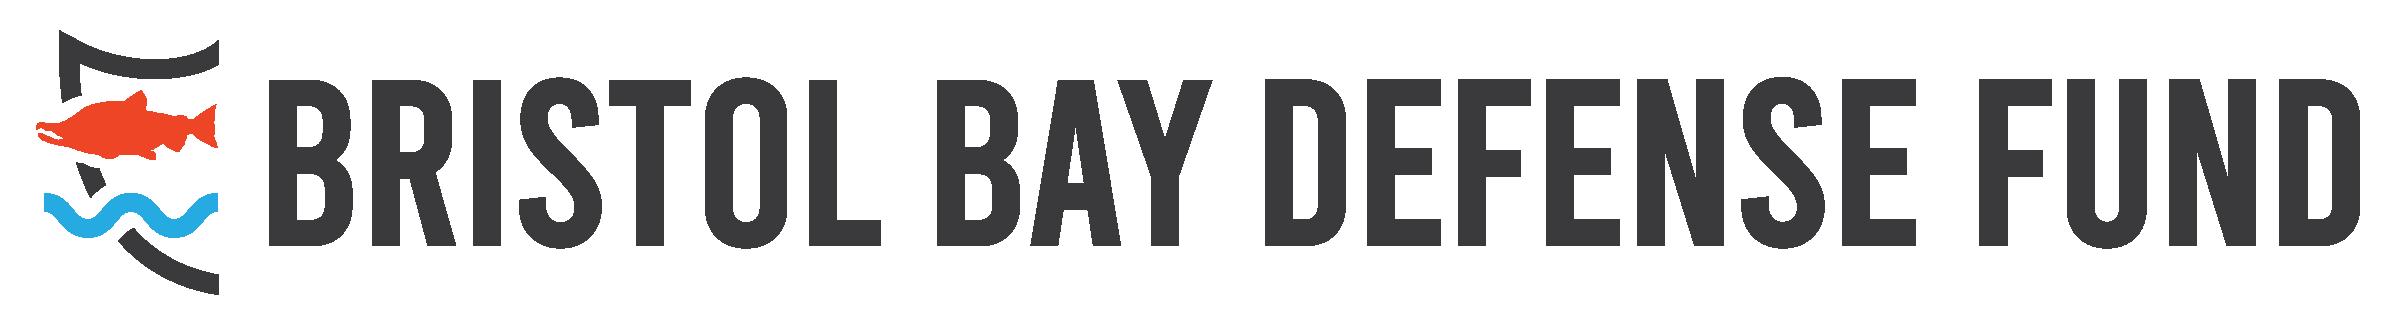 Bristol Bay Defense Fund